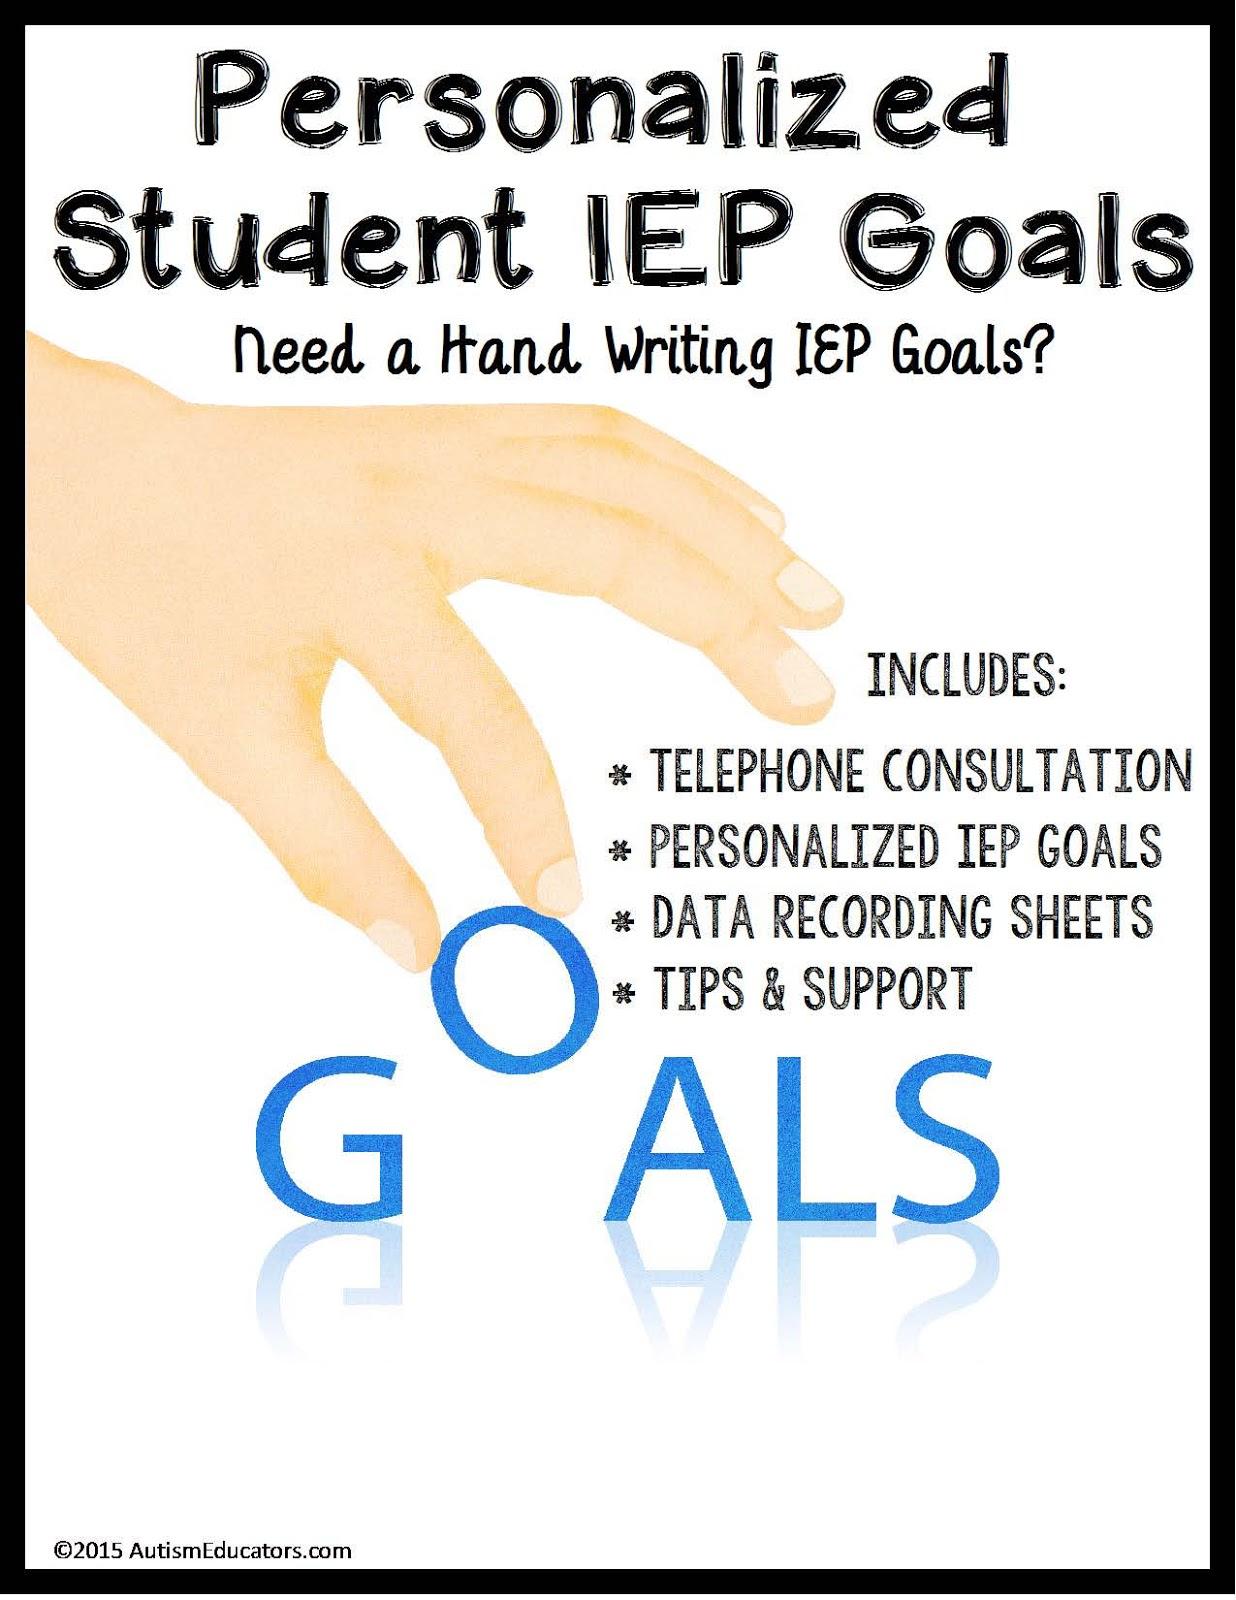 Medill imc essay scholarships